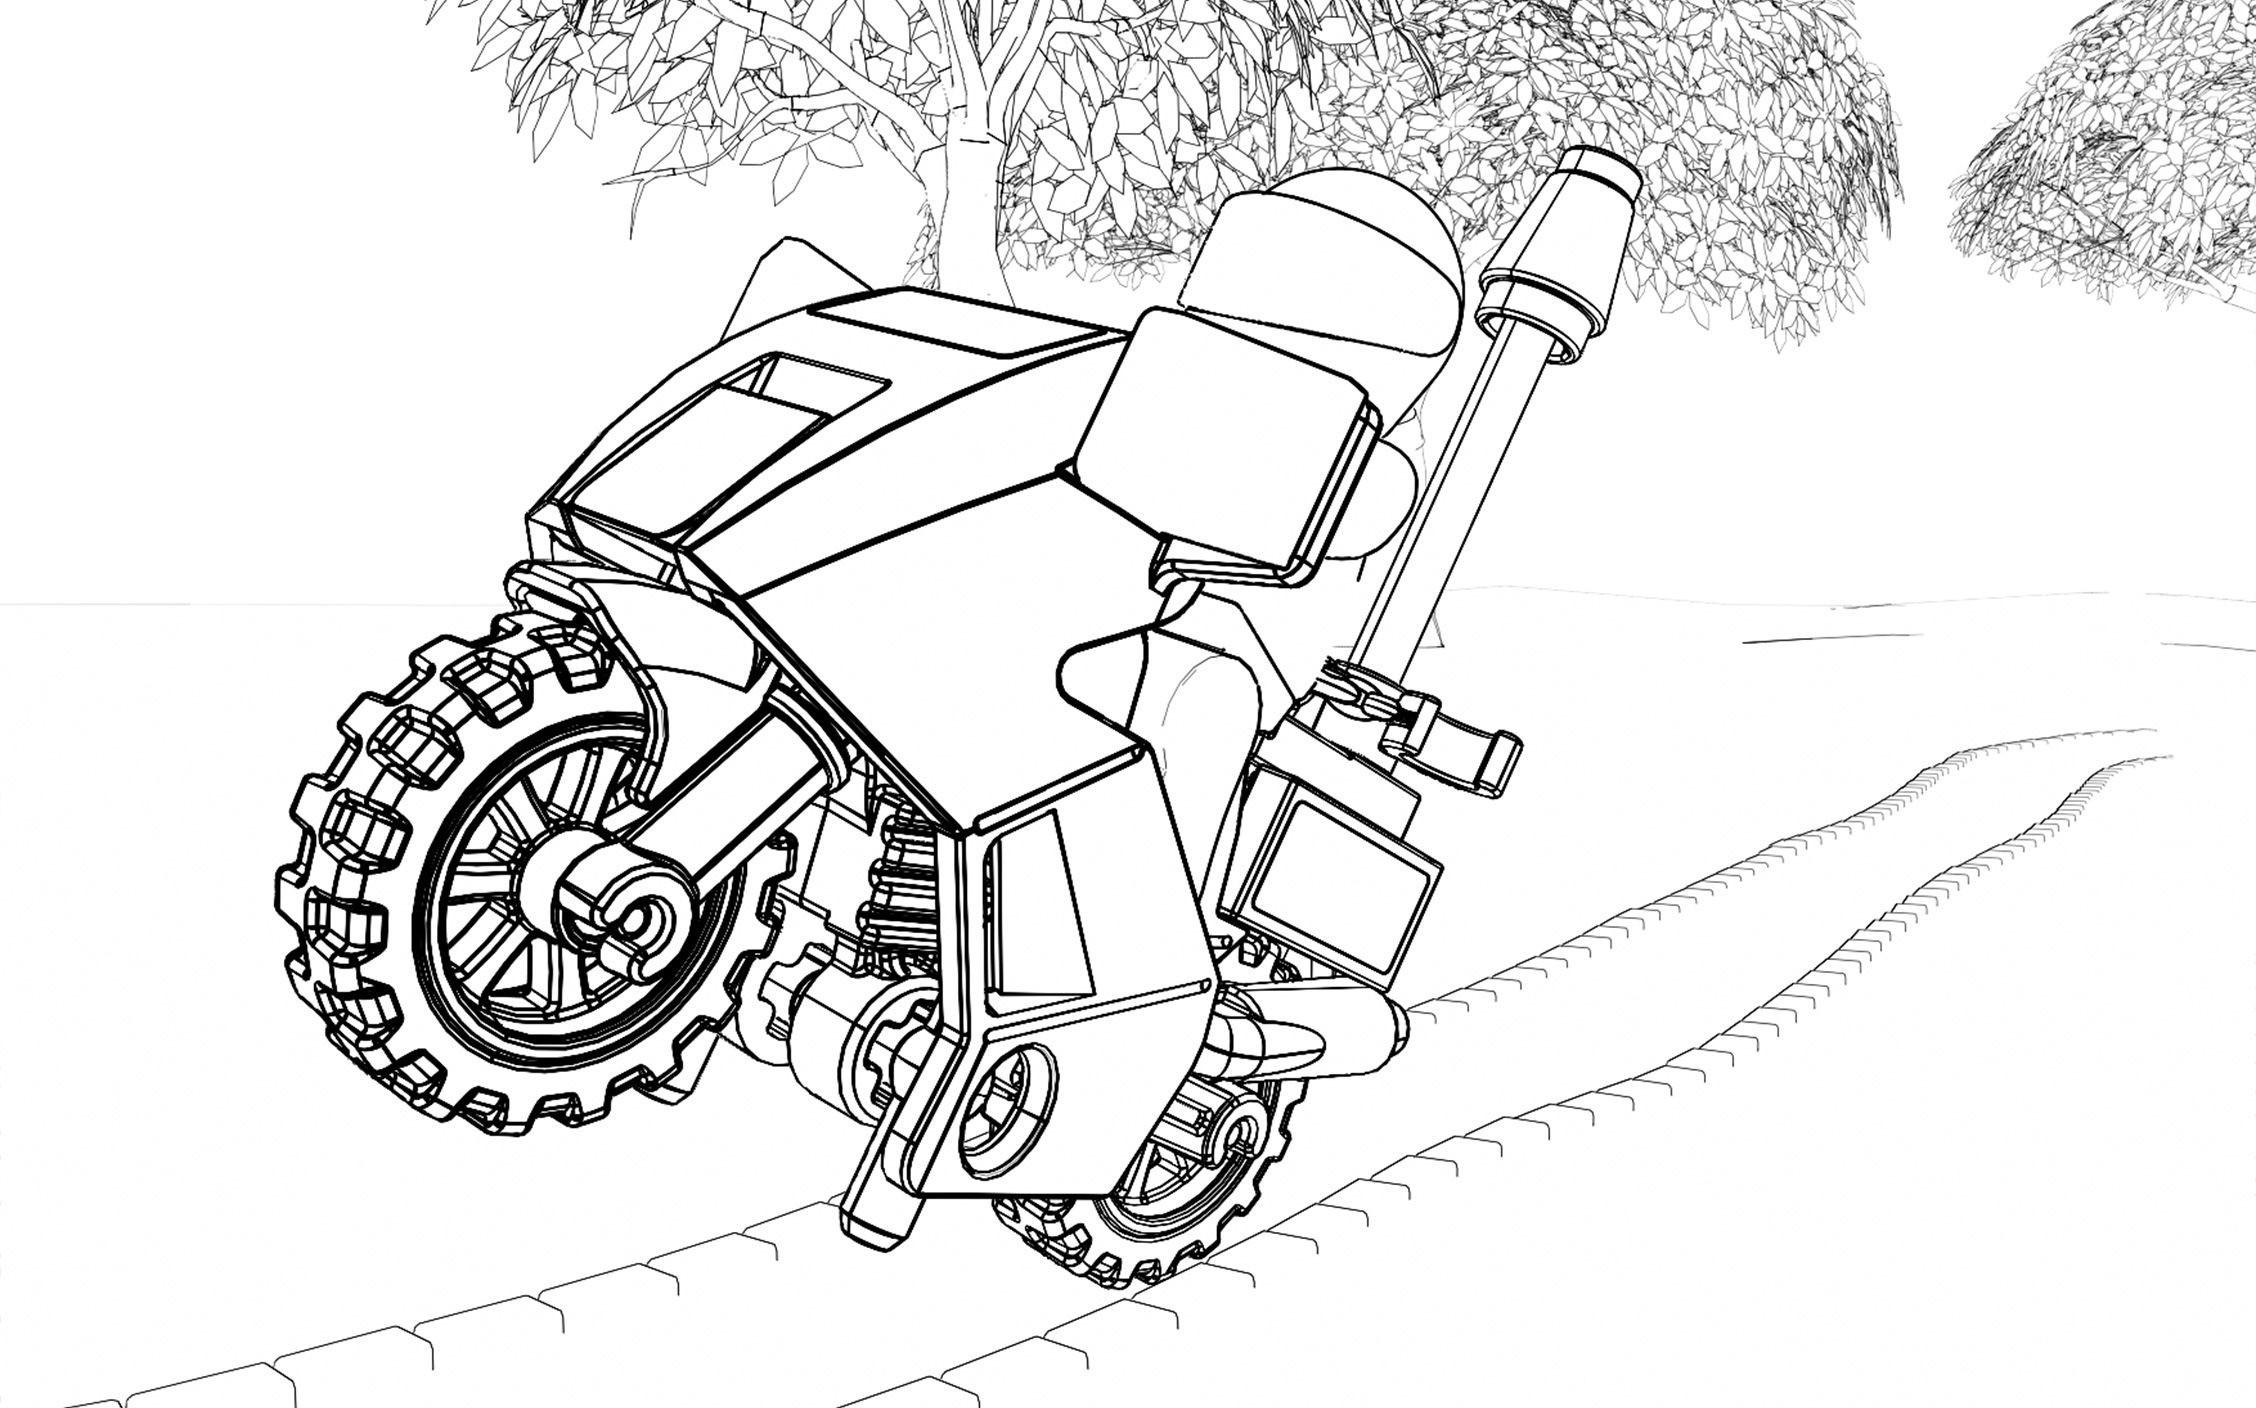 Motorrad Zum Ausmalen Frisch Bilder Zum Ausmalen Bekommen